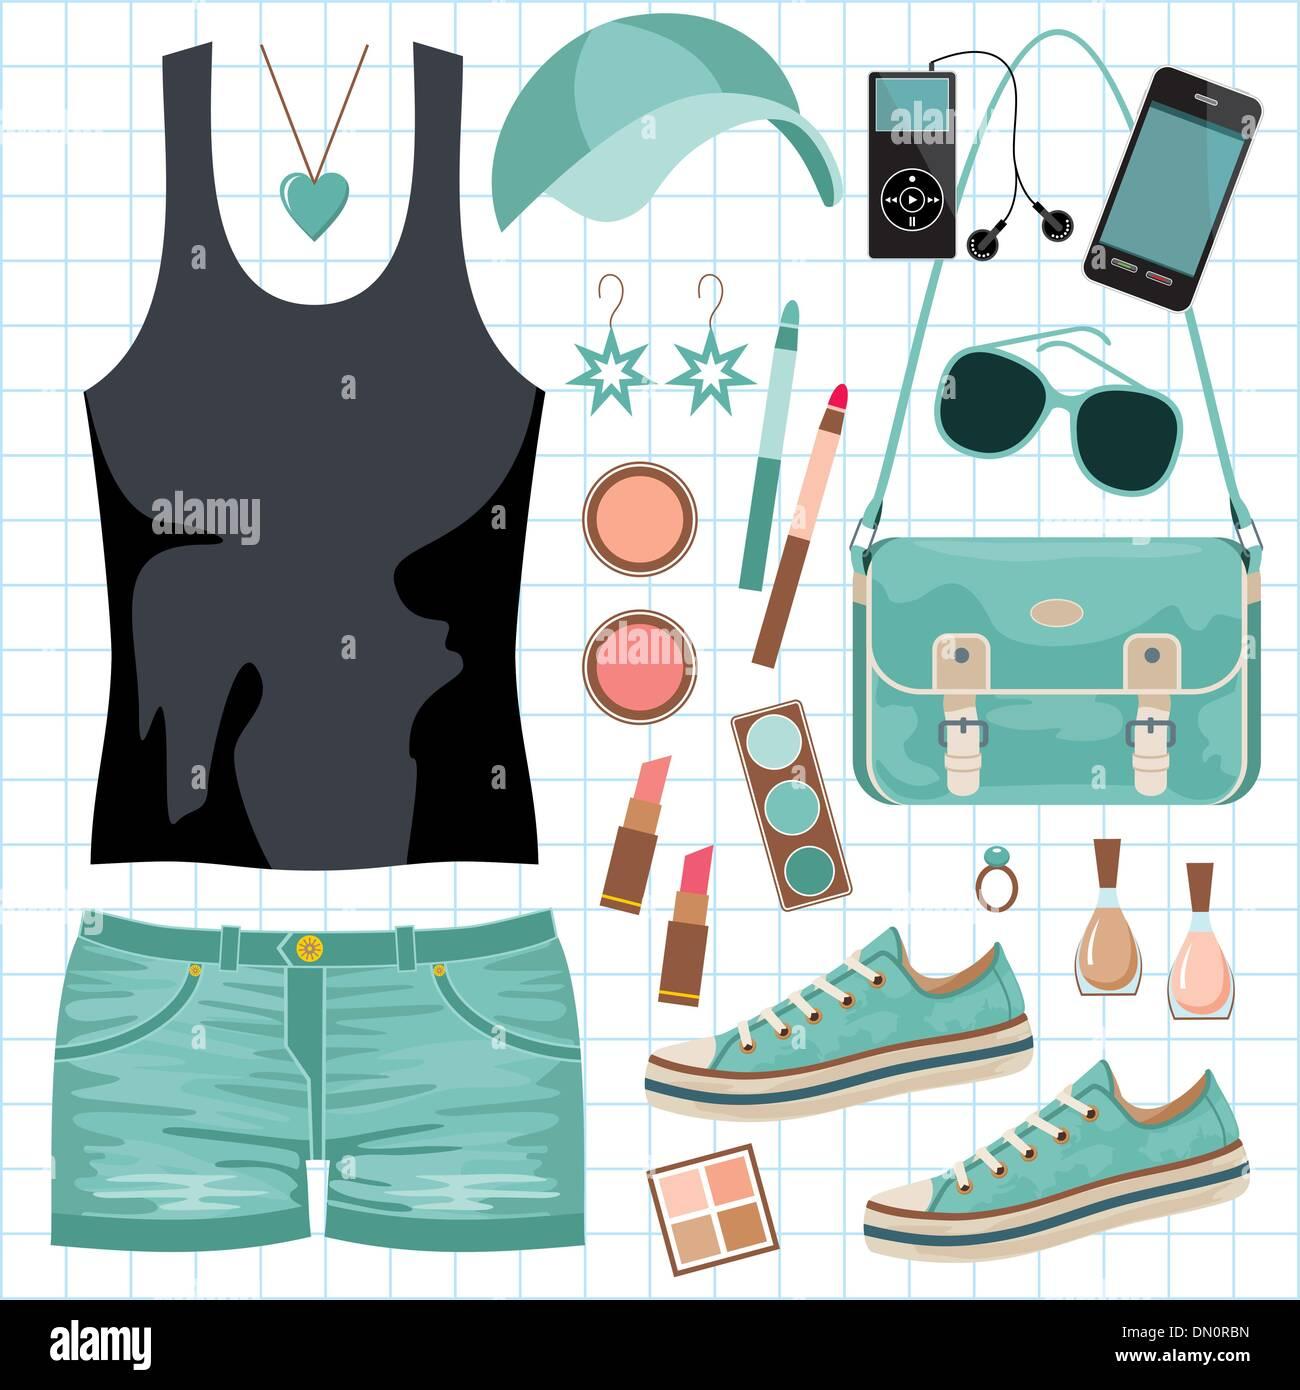 Youth fashionable set - Stock Image